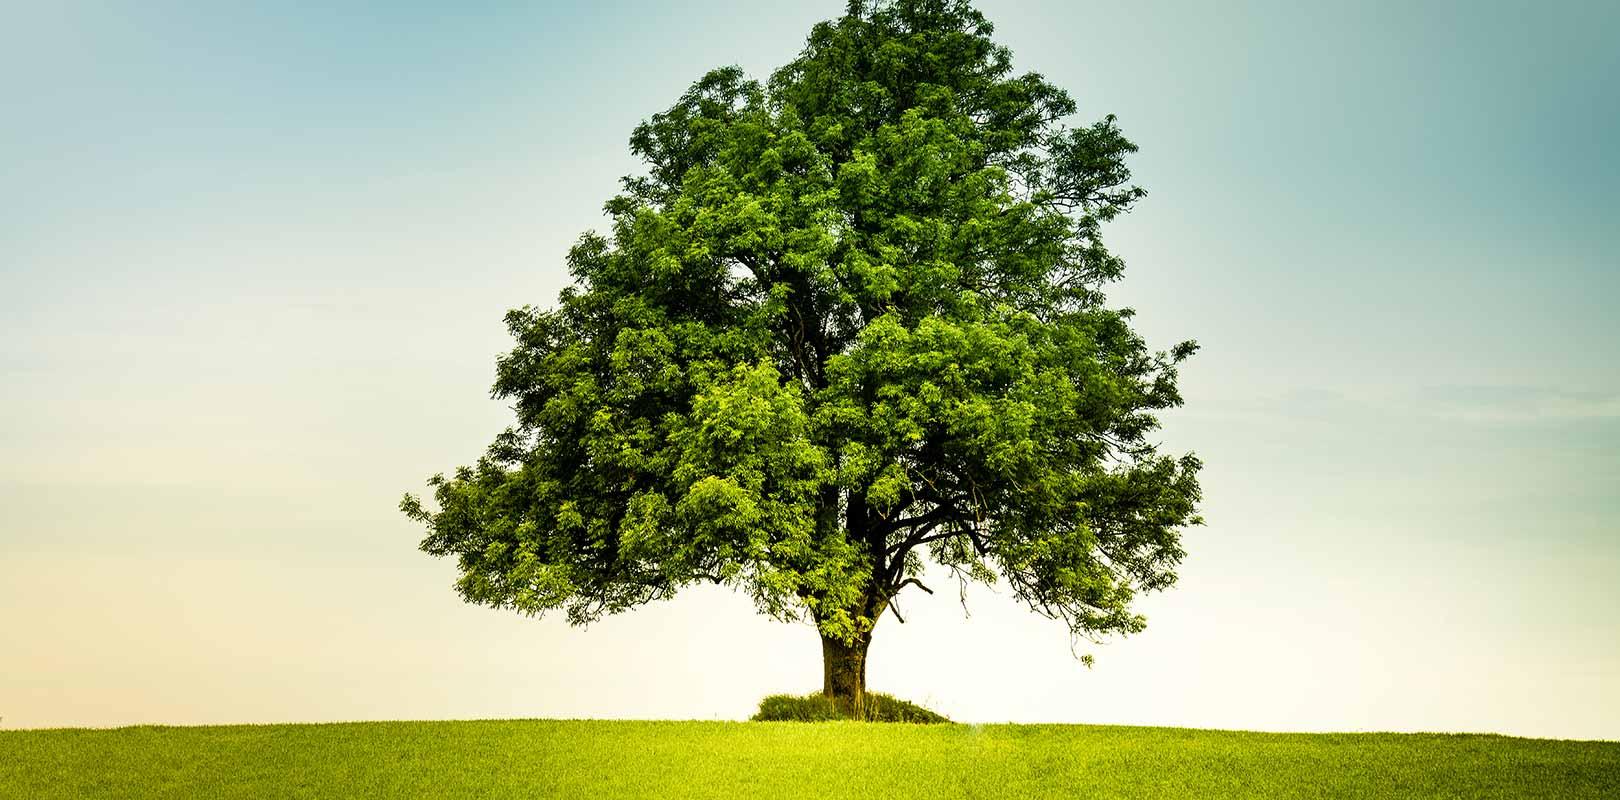 Oak tree in field of grass